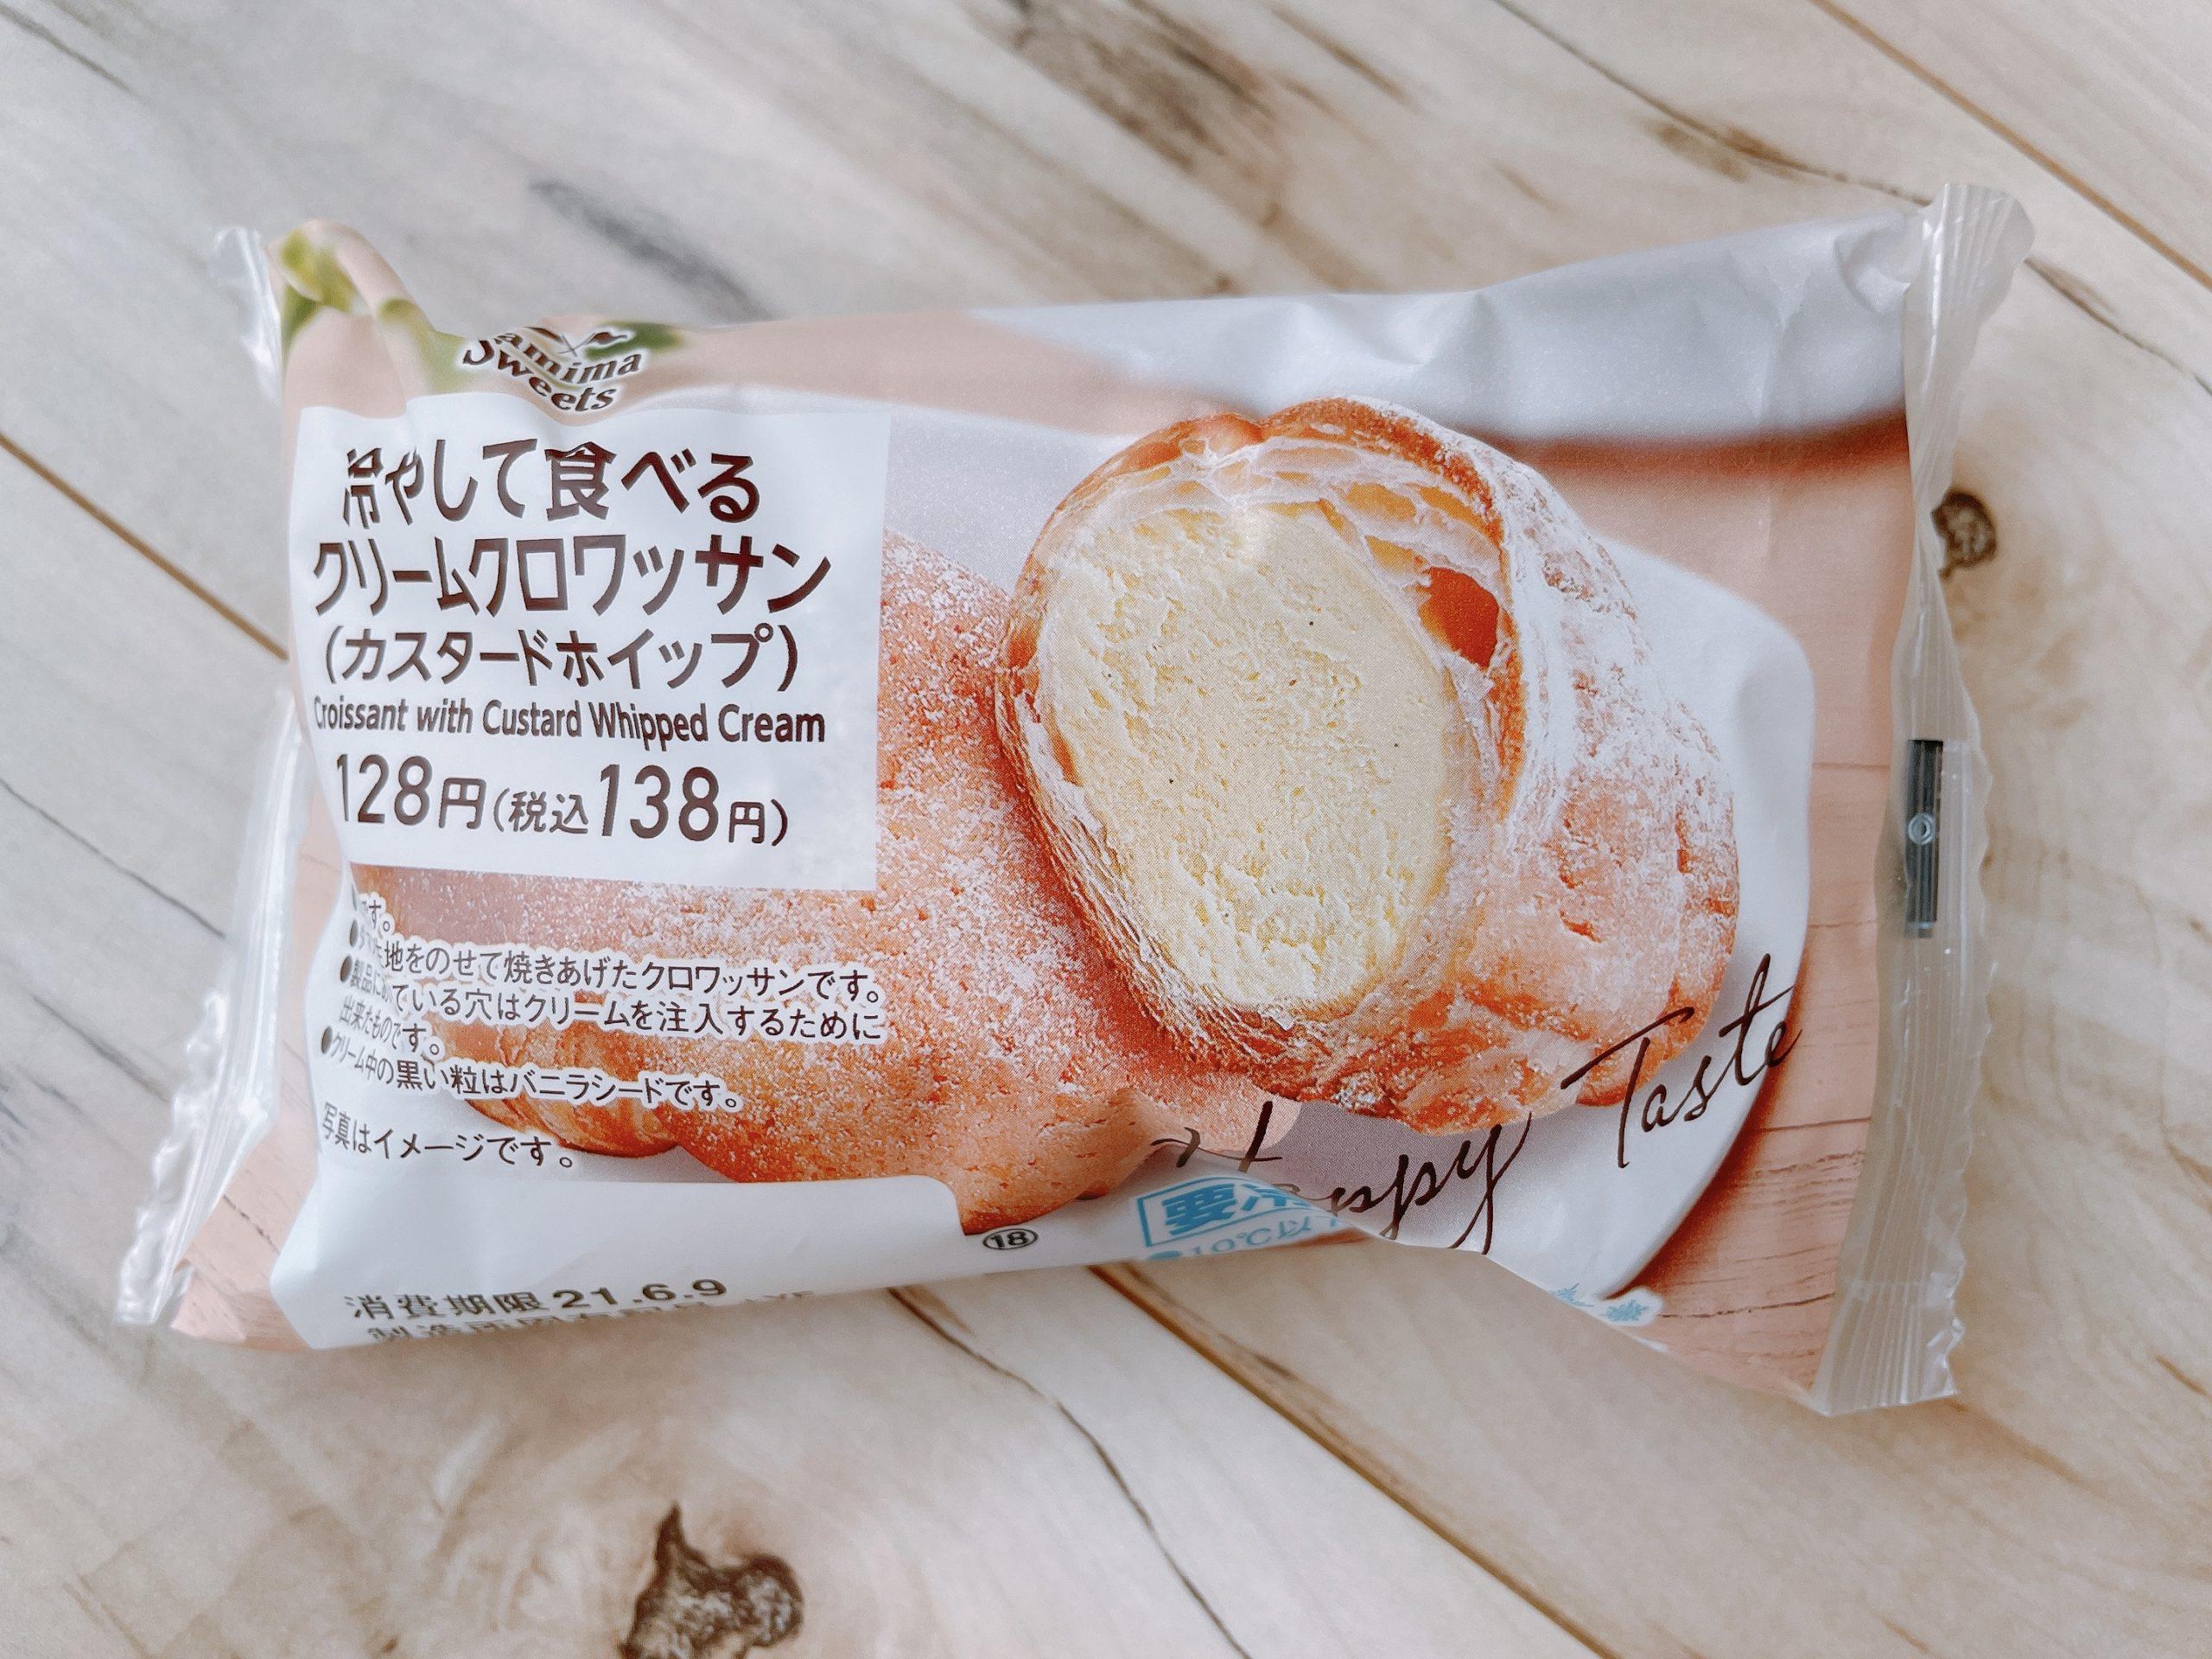 冷やして食べるクリームクロワッサン(カスタードホイップ)のパッケージ